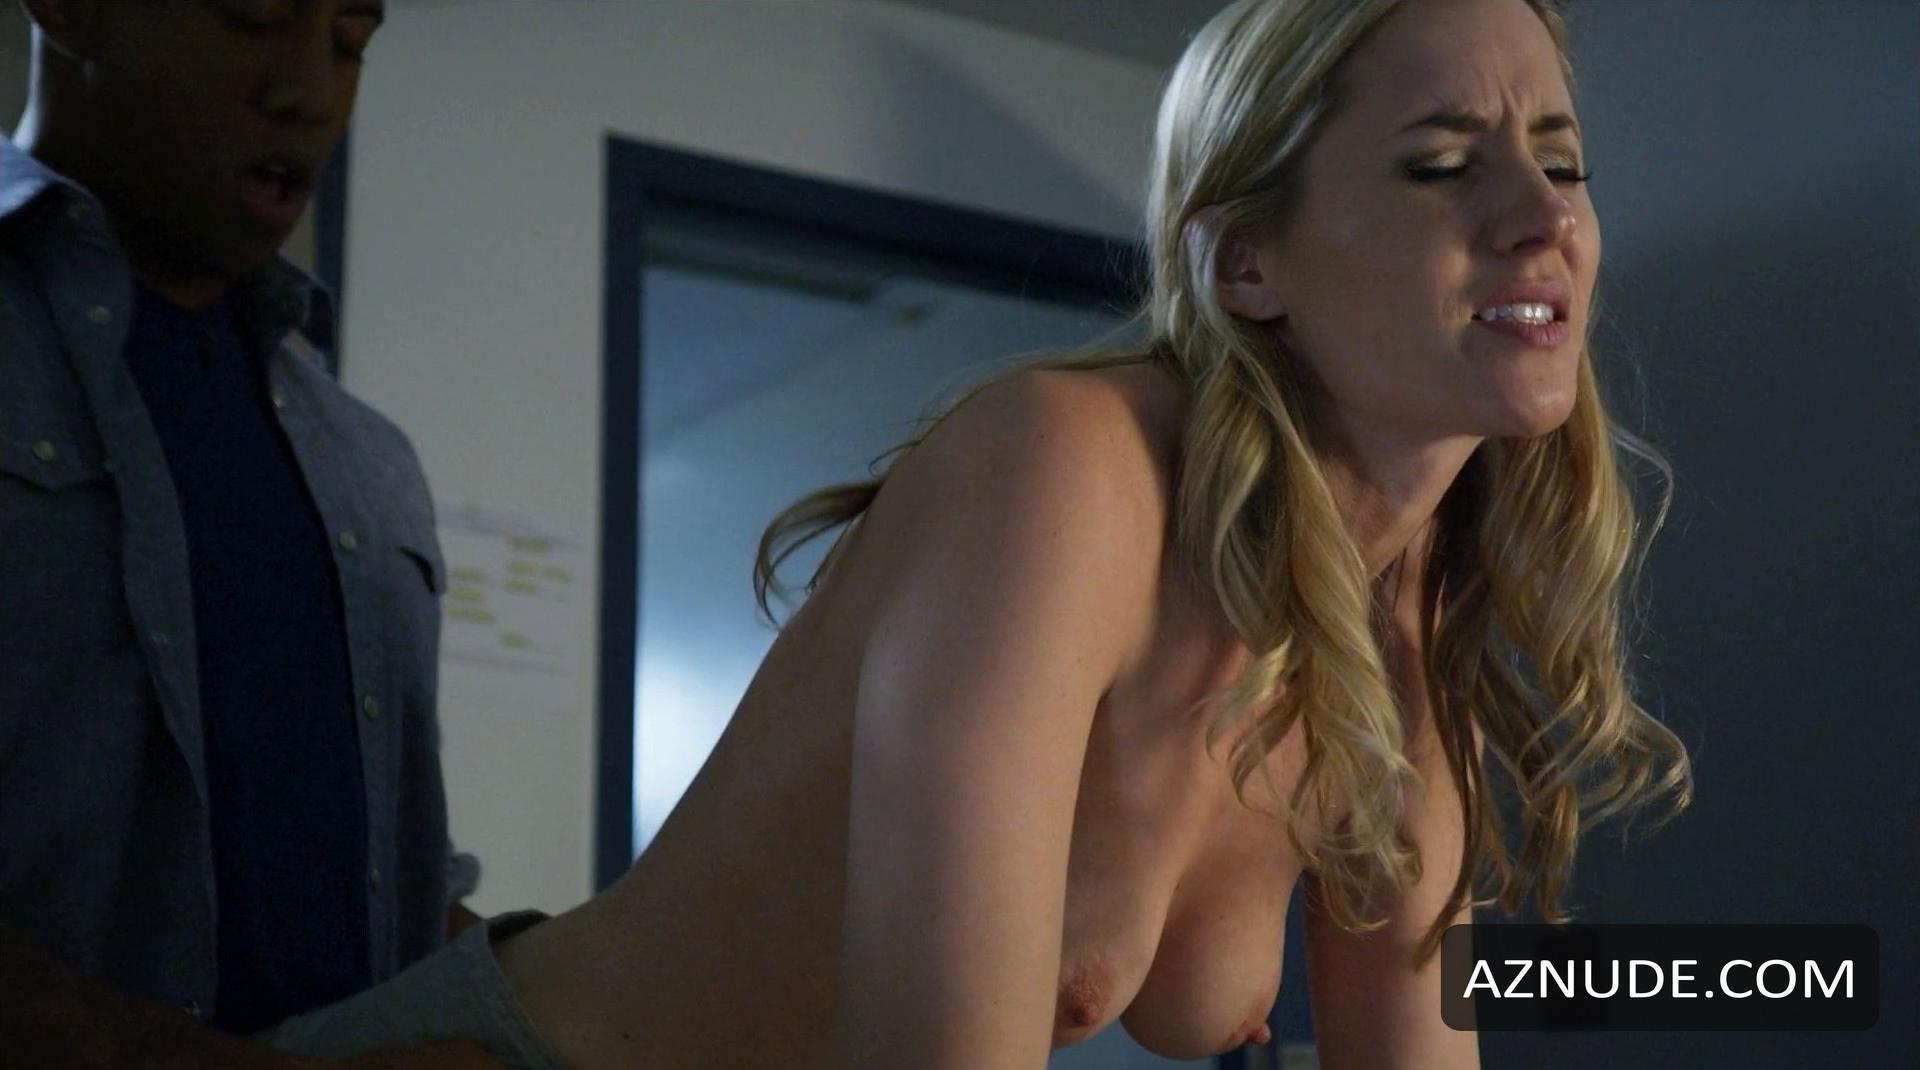 Mindy robinson nude alpha house 2014 - 3 part 4